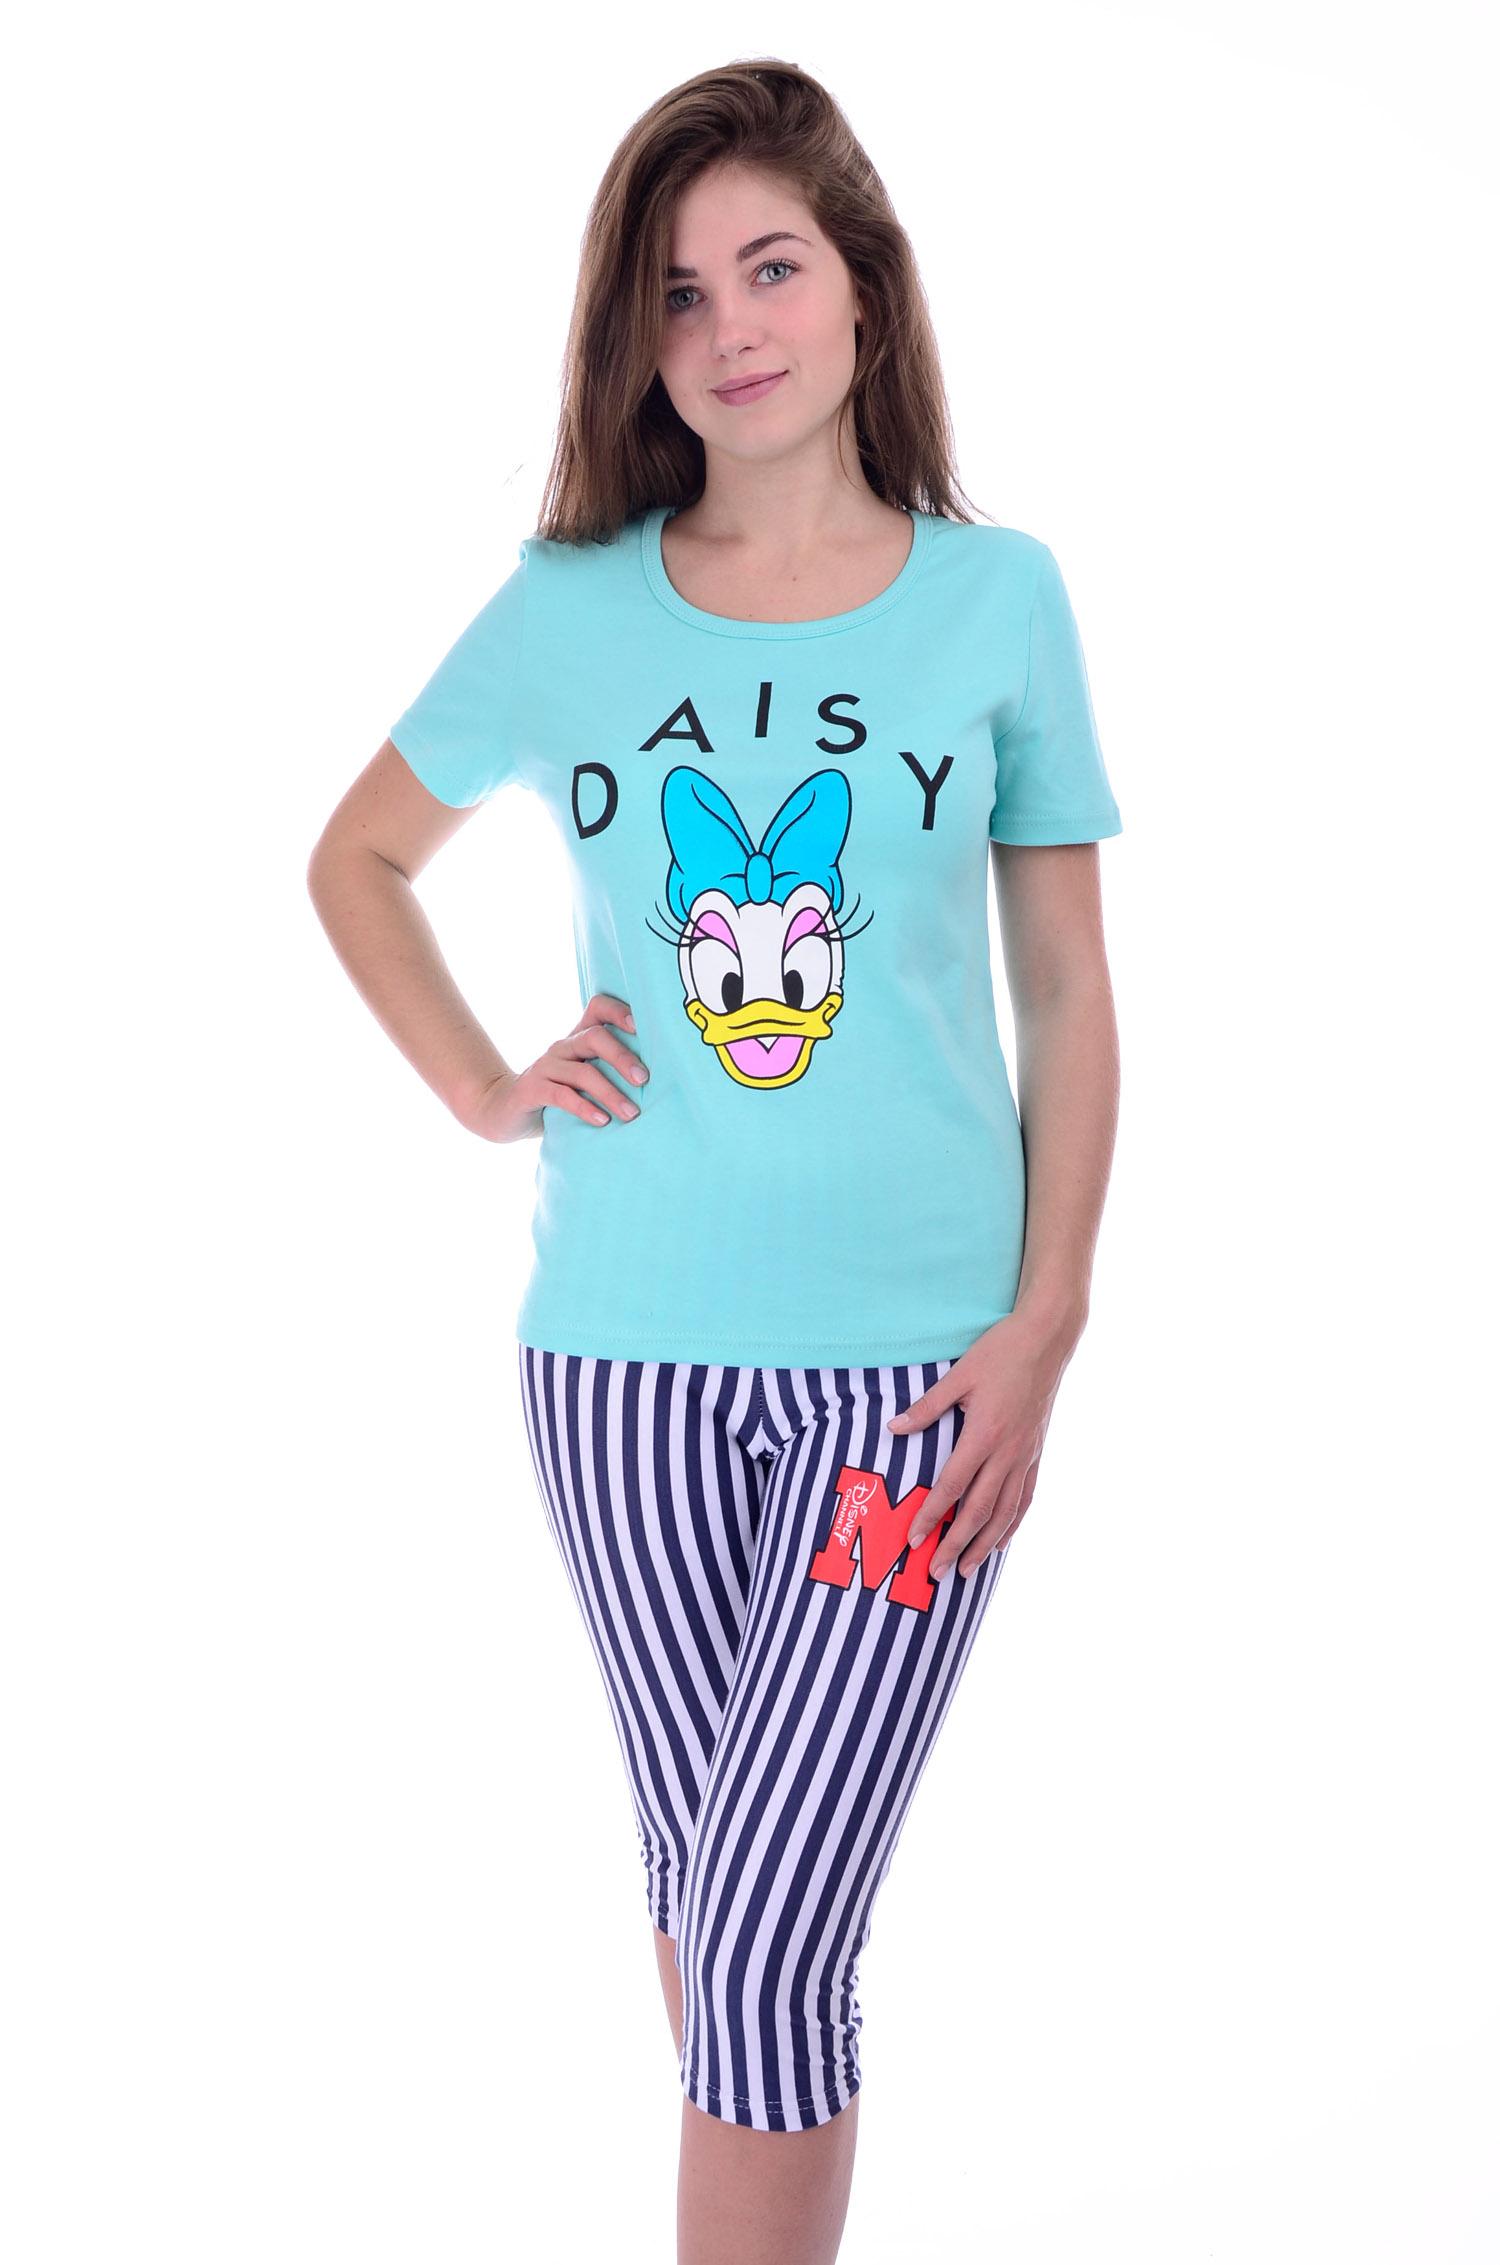 Пижама женская Даша  футболка и бриджиДомашняя одежда<br><br><br>Размер: 42